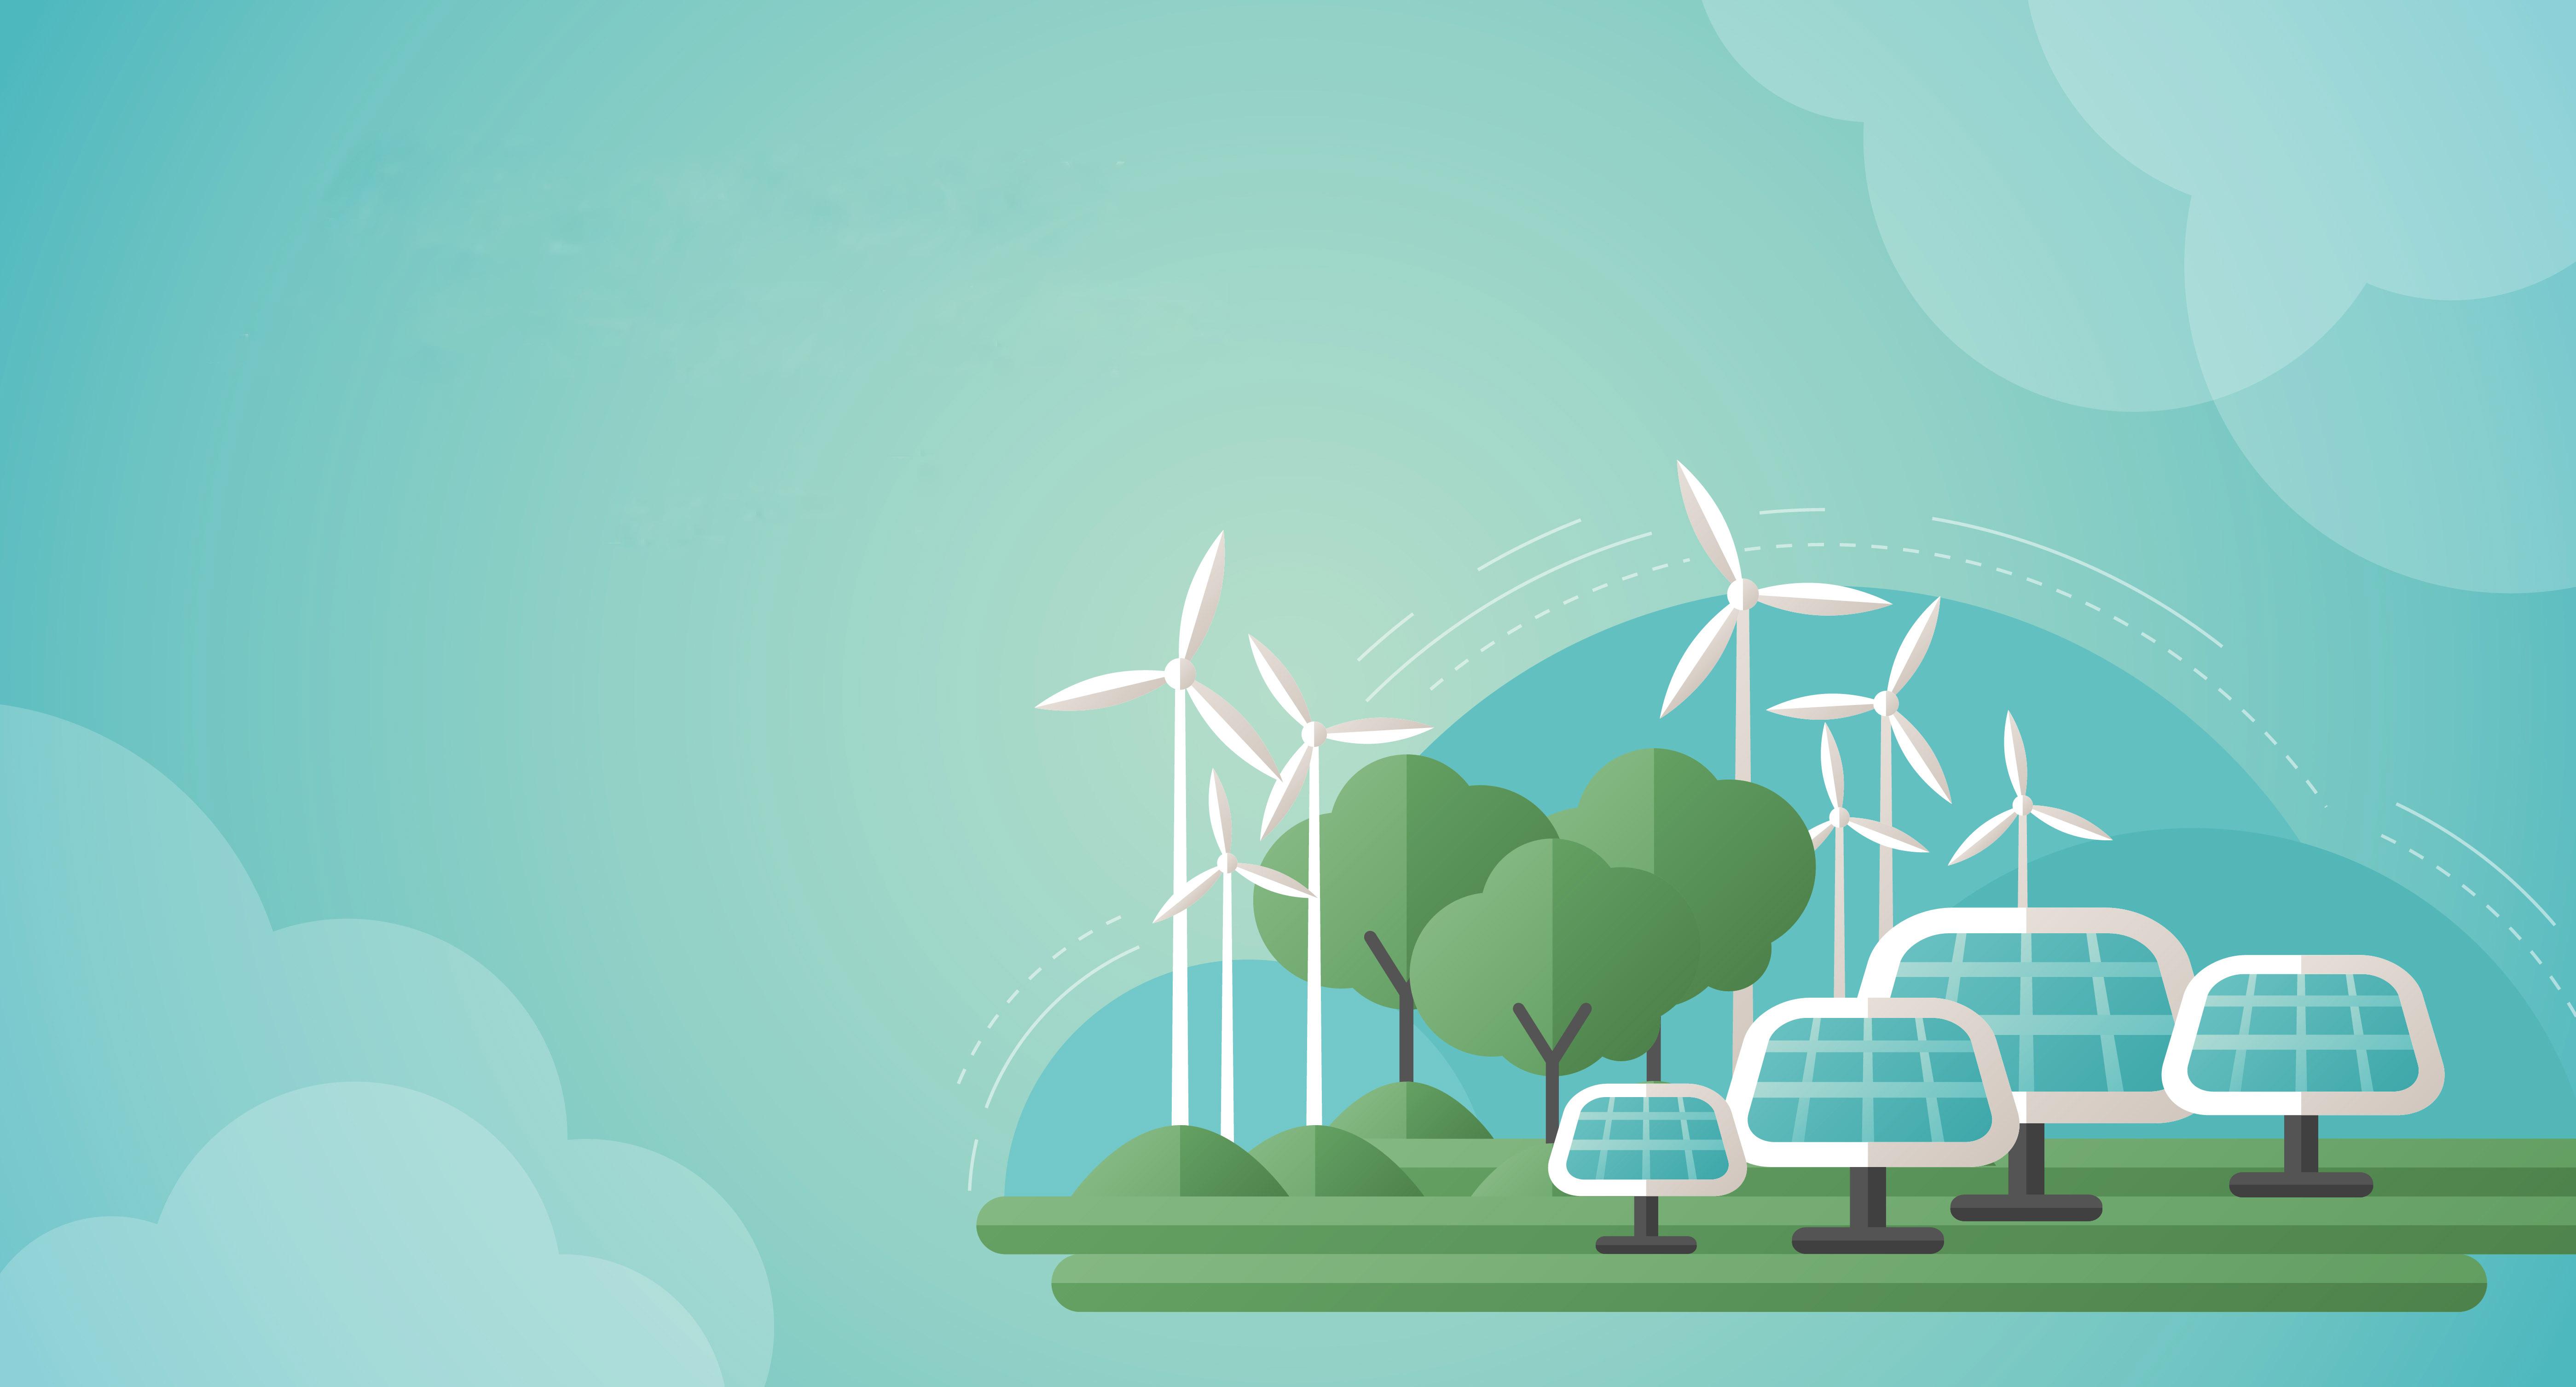 zonnepanelen, windmolens, groen